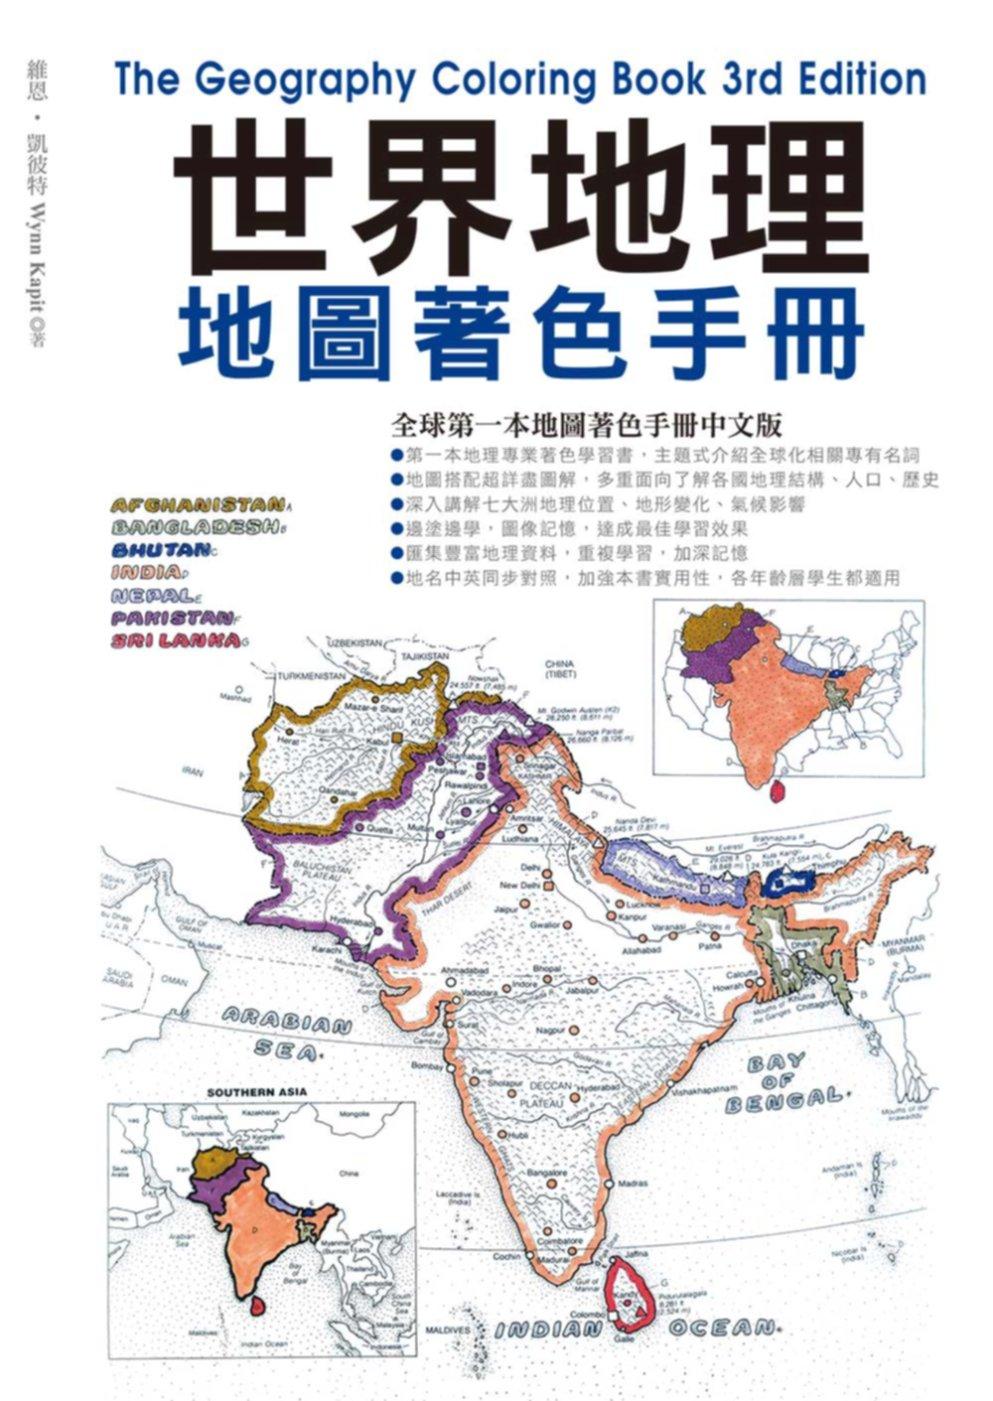 世界地理地圖著色手冊(附贈12色色鉛筆)